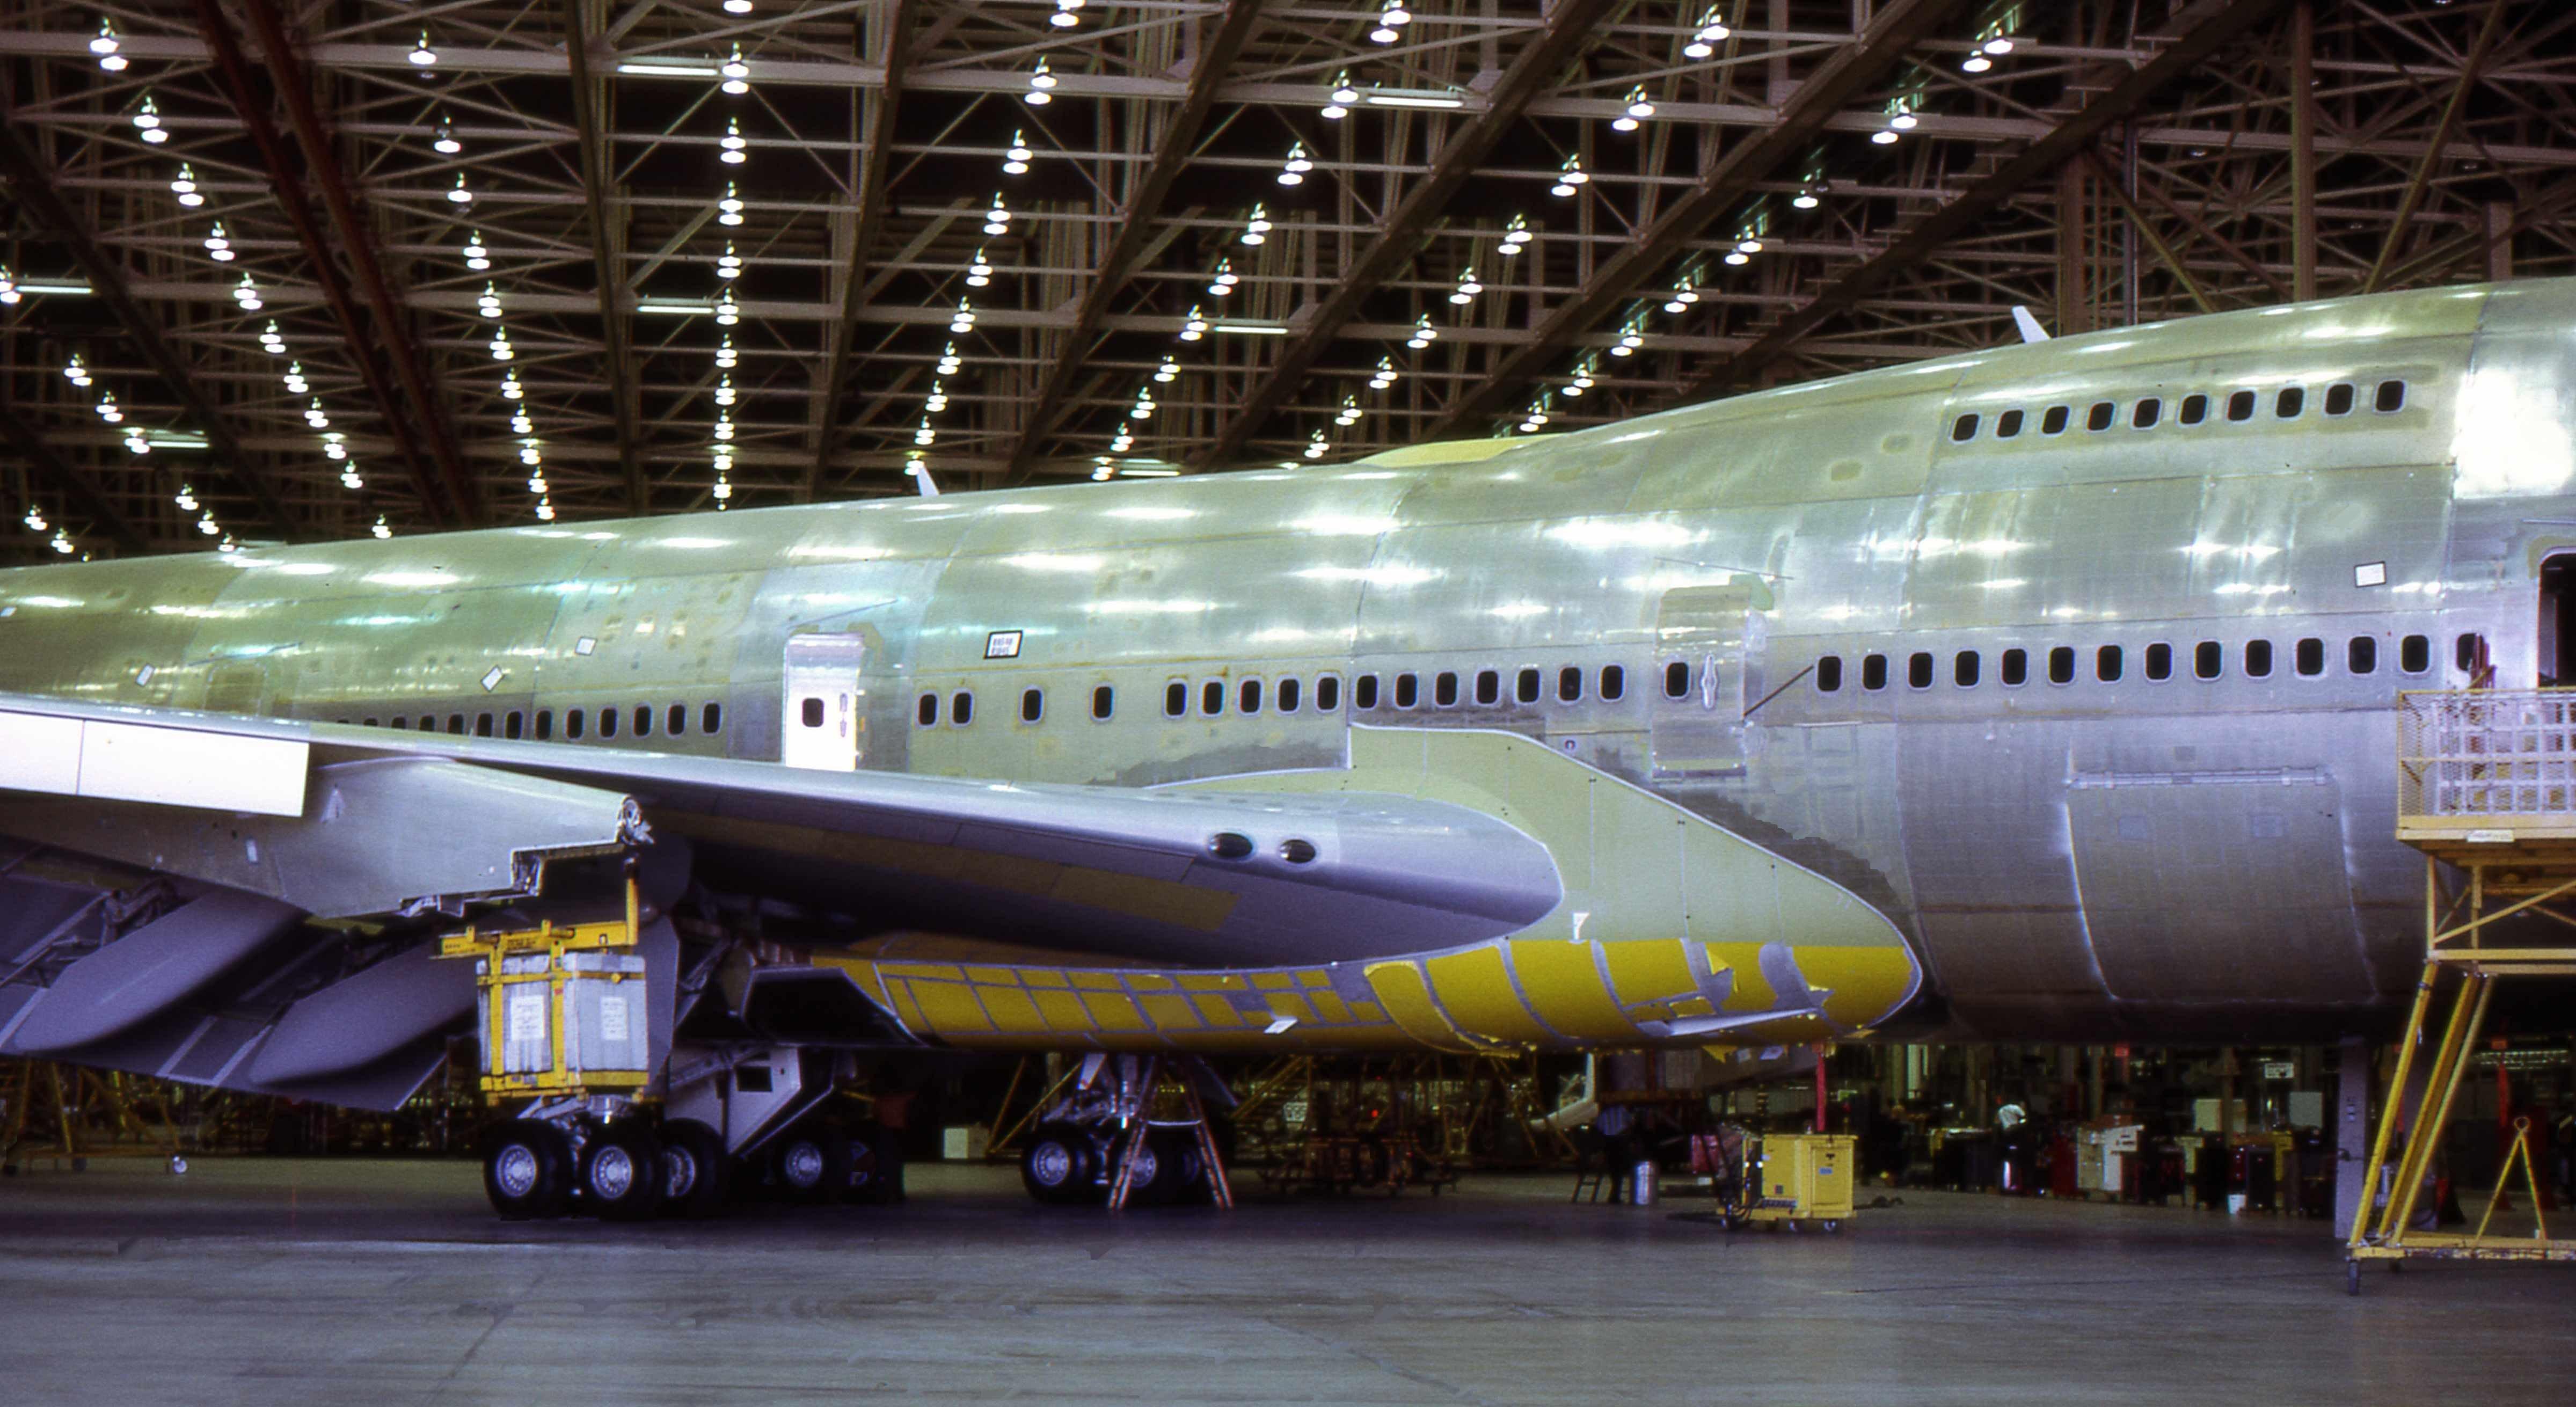 File:Boeing Everett 08 jpg - Wikimedia Commons